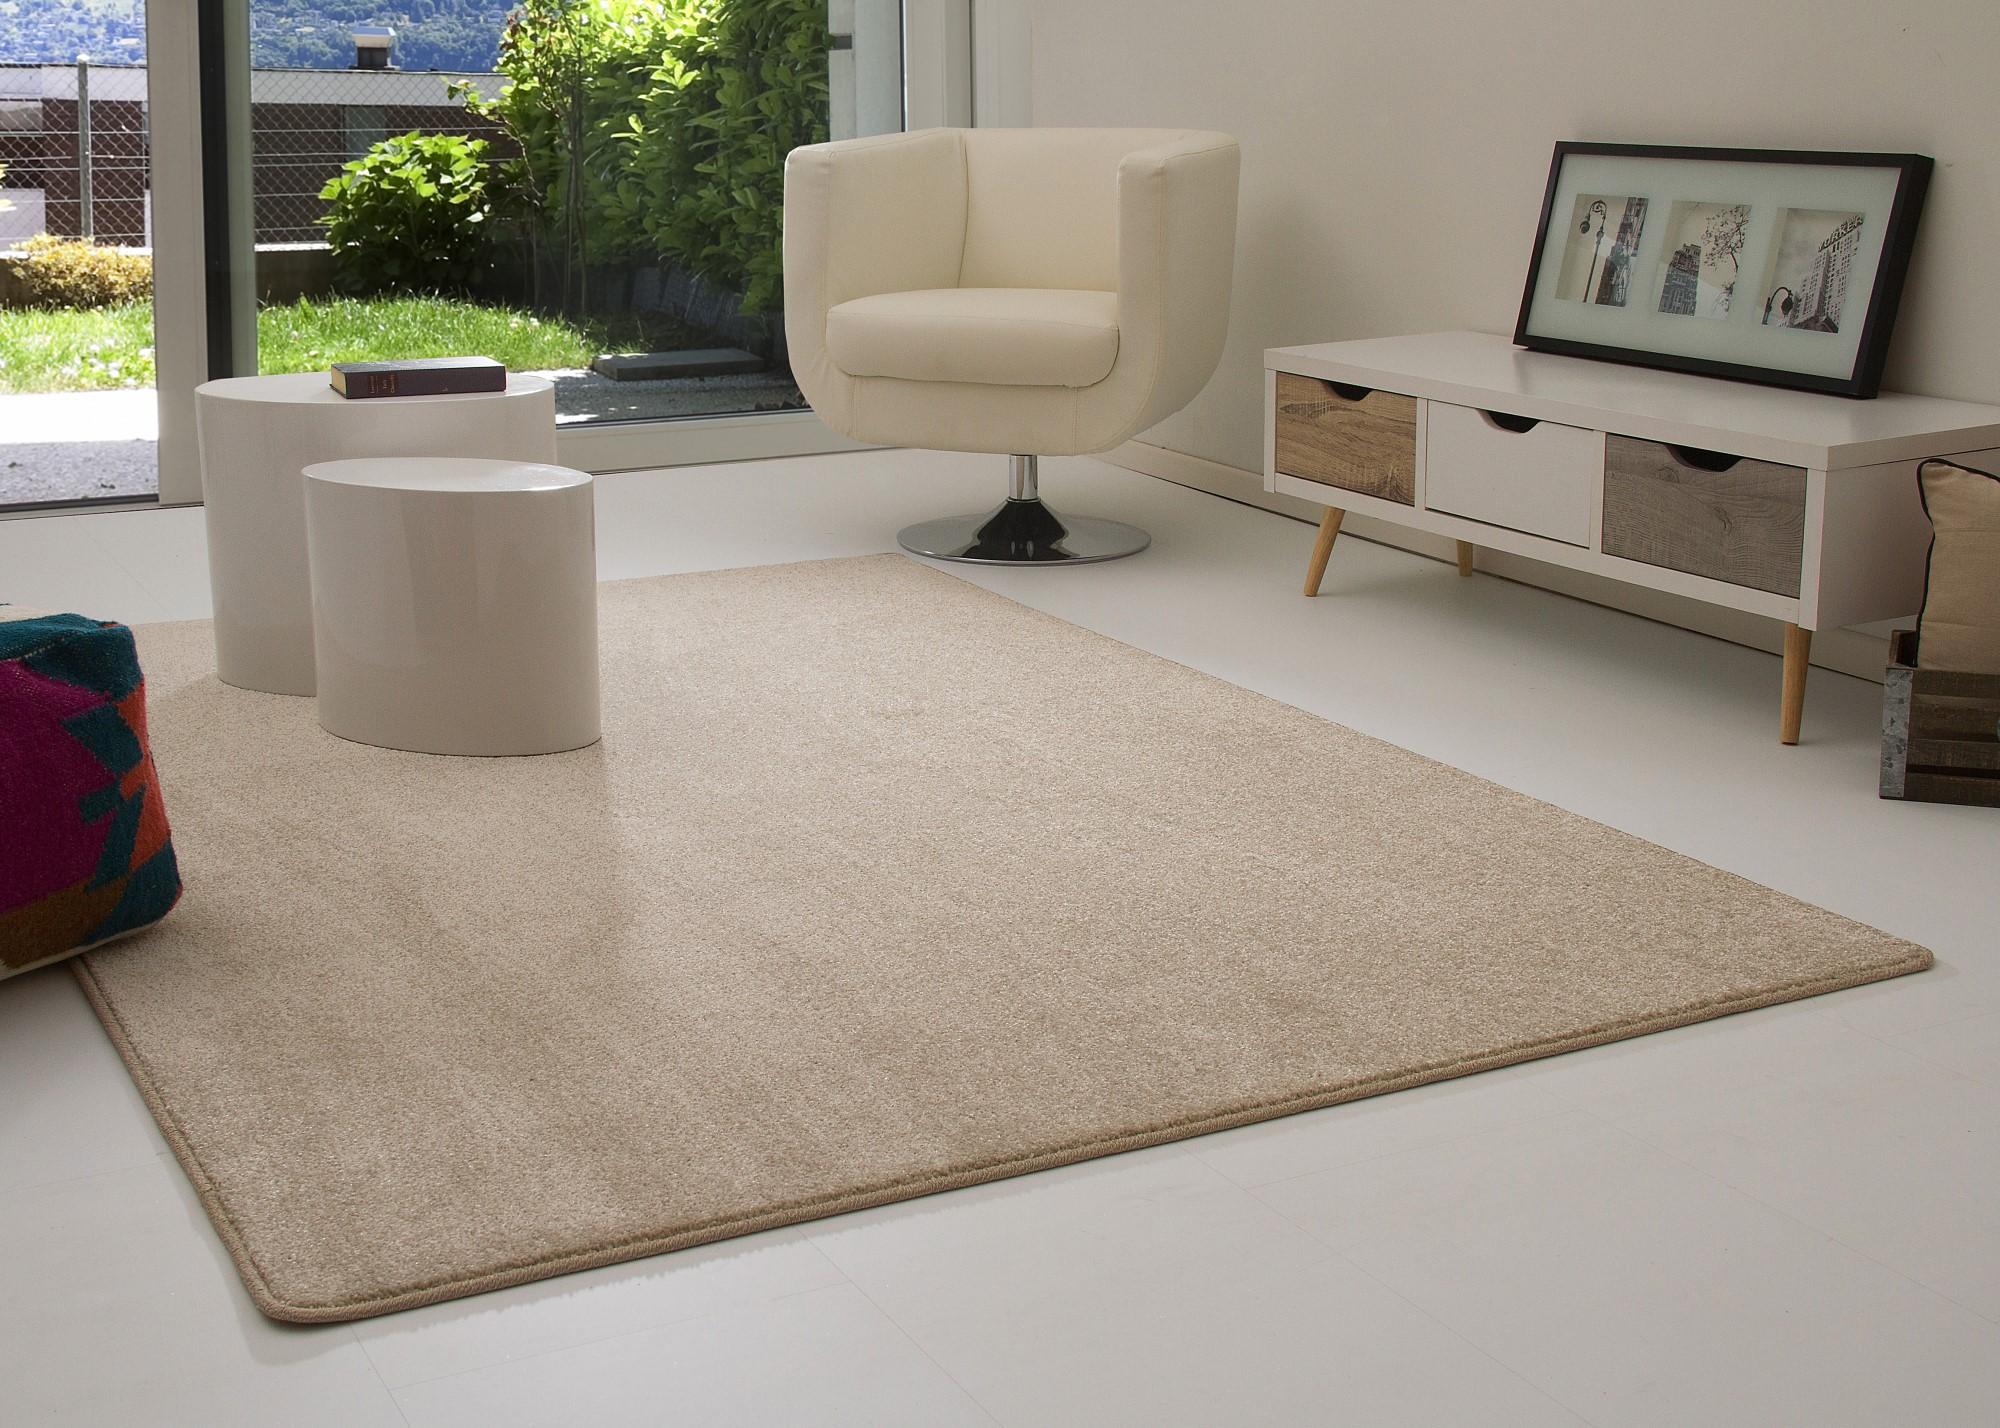 Couleur Salle De Sejour détails sur design moderne salle de séjour tapis margate boucle-tapis  design tapis en 4 couleurs- afficher le titre d'origine